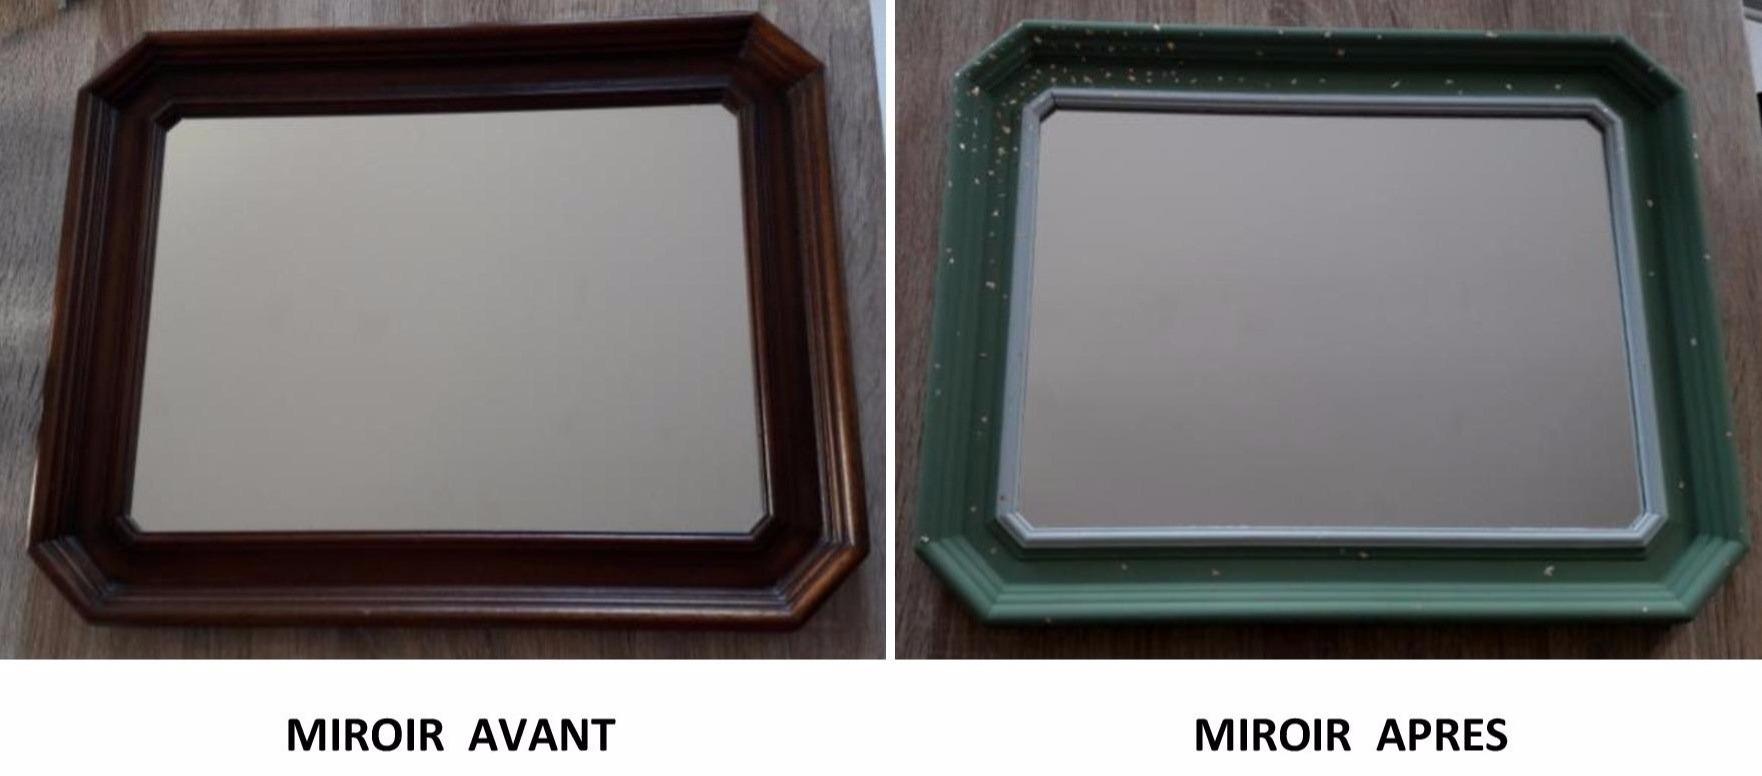 J'ai testé pour vous la customisation d'un vieux miroir avec les peintures The little shop et les copeaux à dorer Pébéo